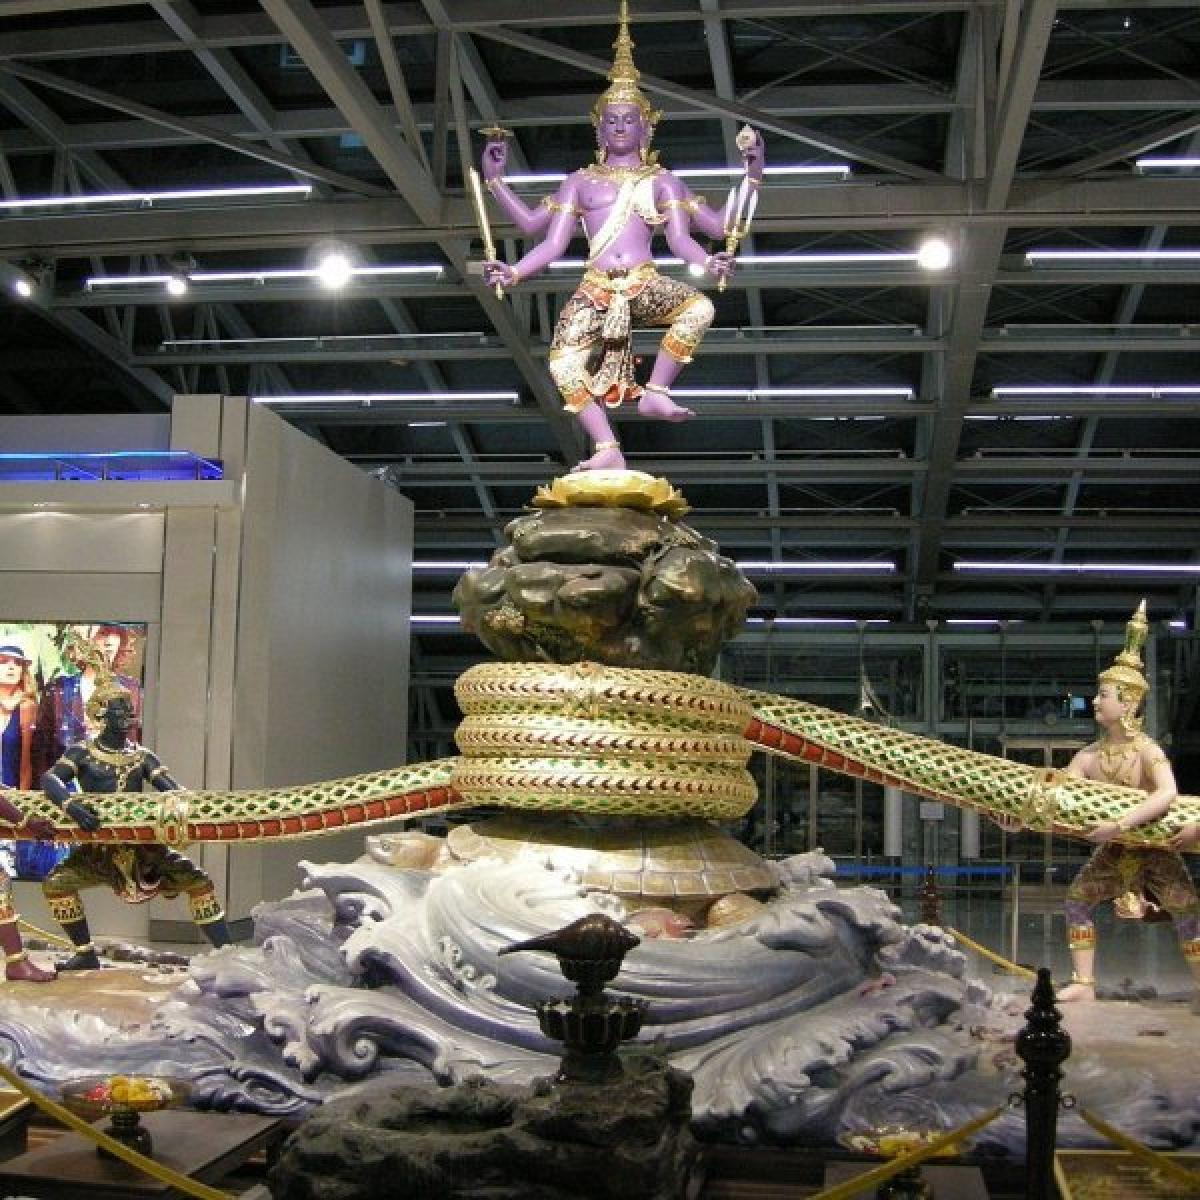 துன்பங்கள் அனைத்தையும் போக்கி நல்லருள் புரியும் கூர்மபகவான்... கூர்ம ஜயந்தி பகிர்வு